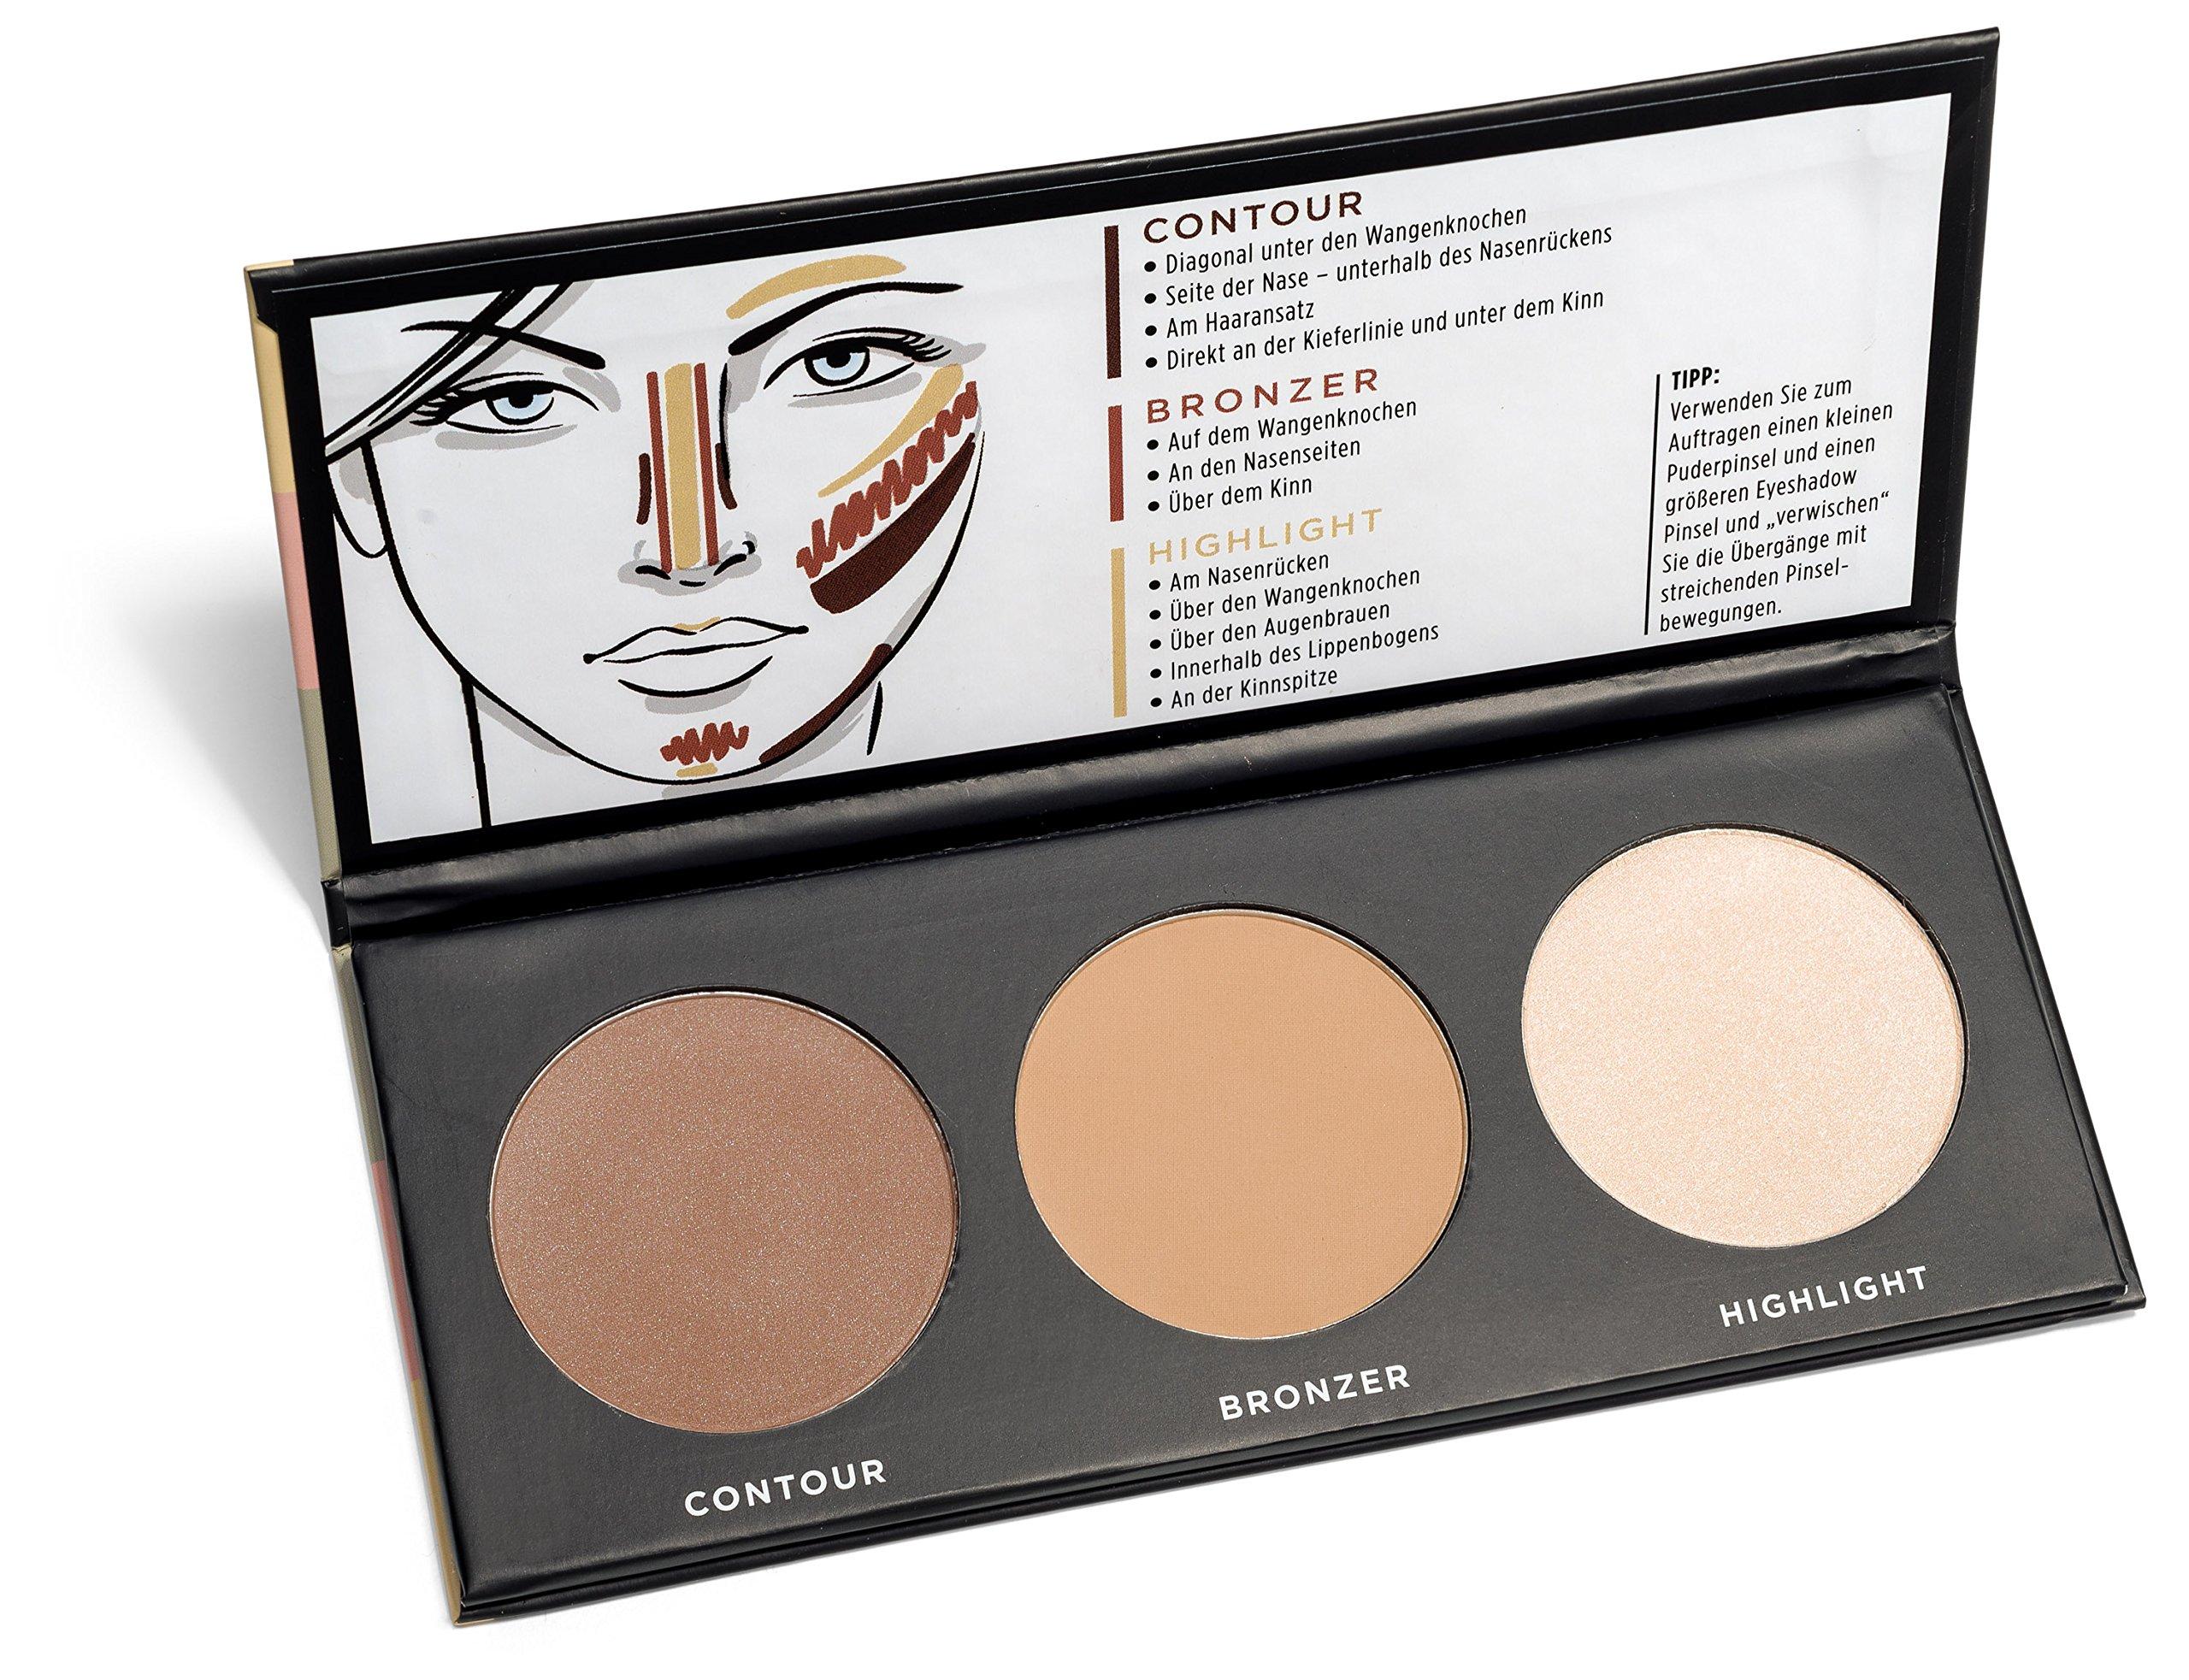 youstar – CONTOUR EFFECTS2 Palette, Multi Color Effects Palette, Contour, Puder, Powder, Bronzer, Hi product image